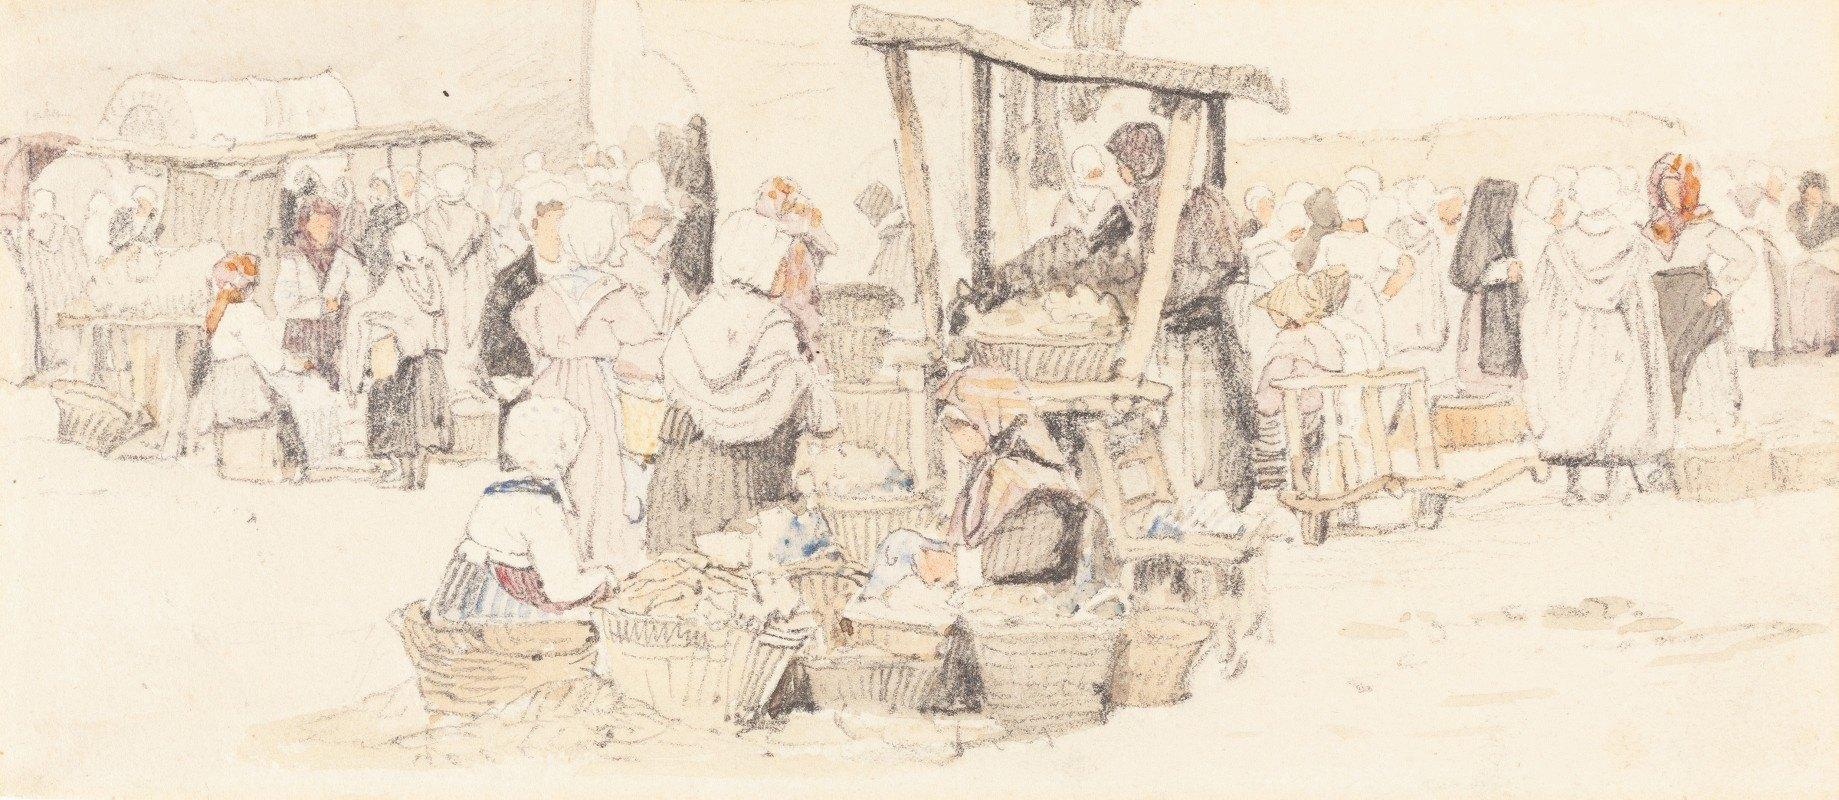 Samuel Prout - An Outdoor Market